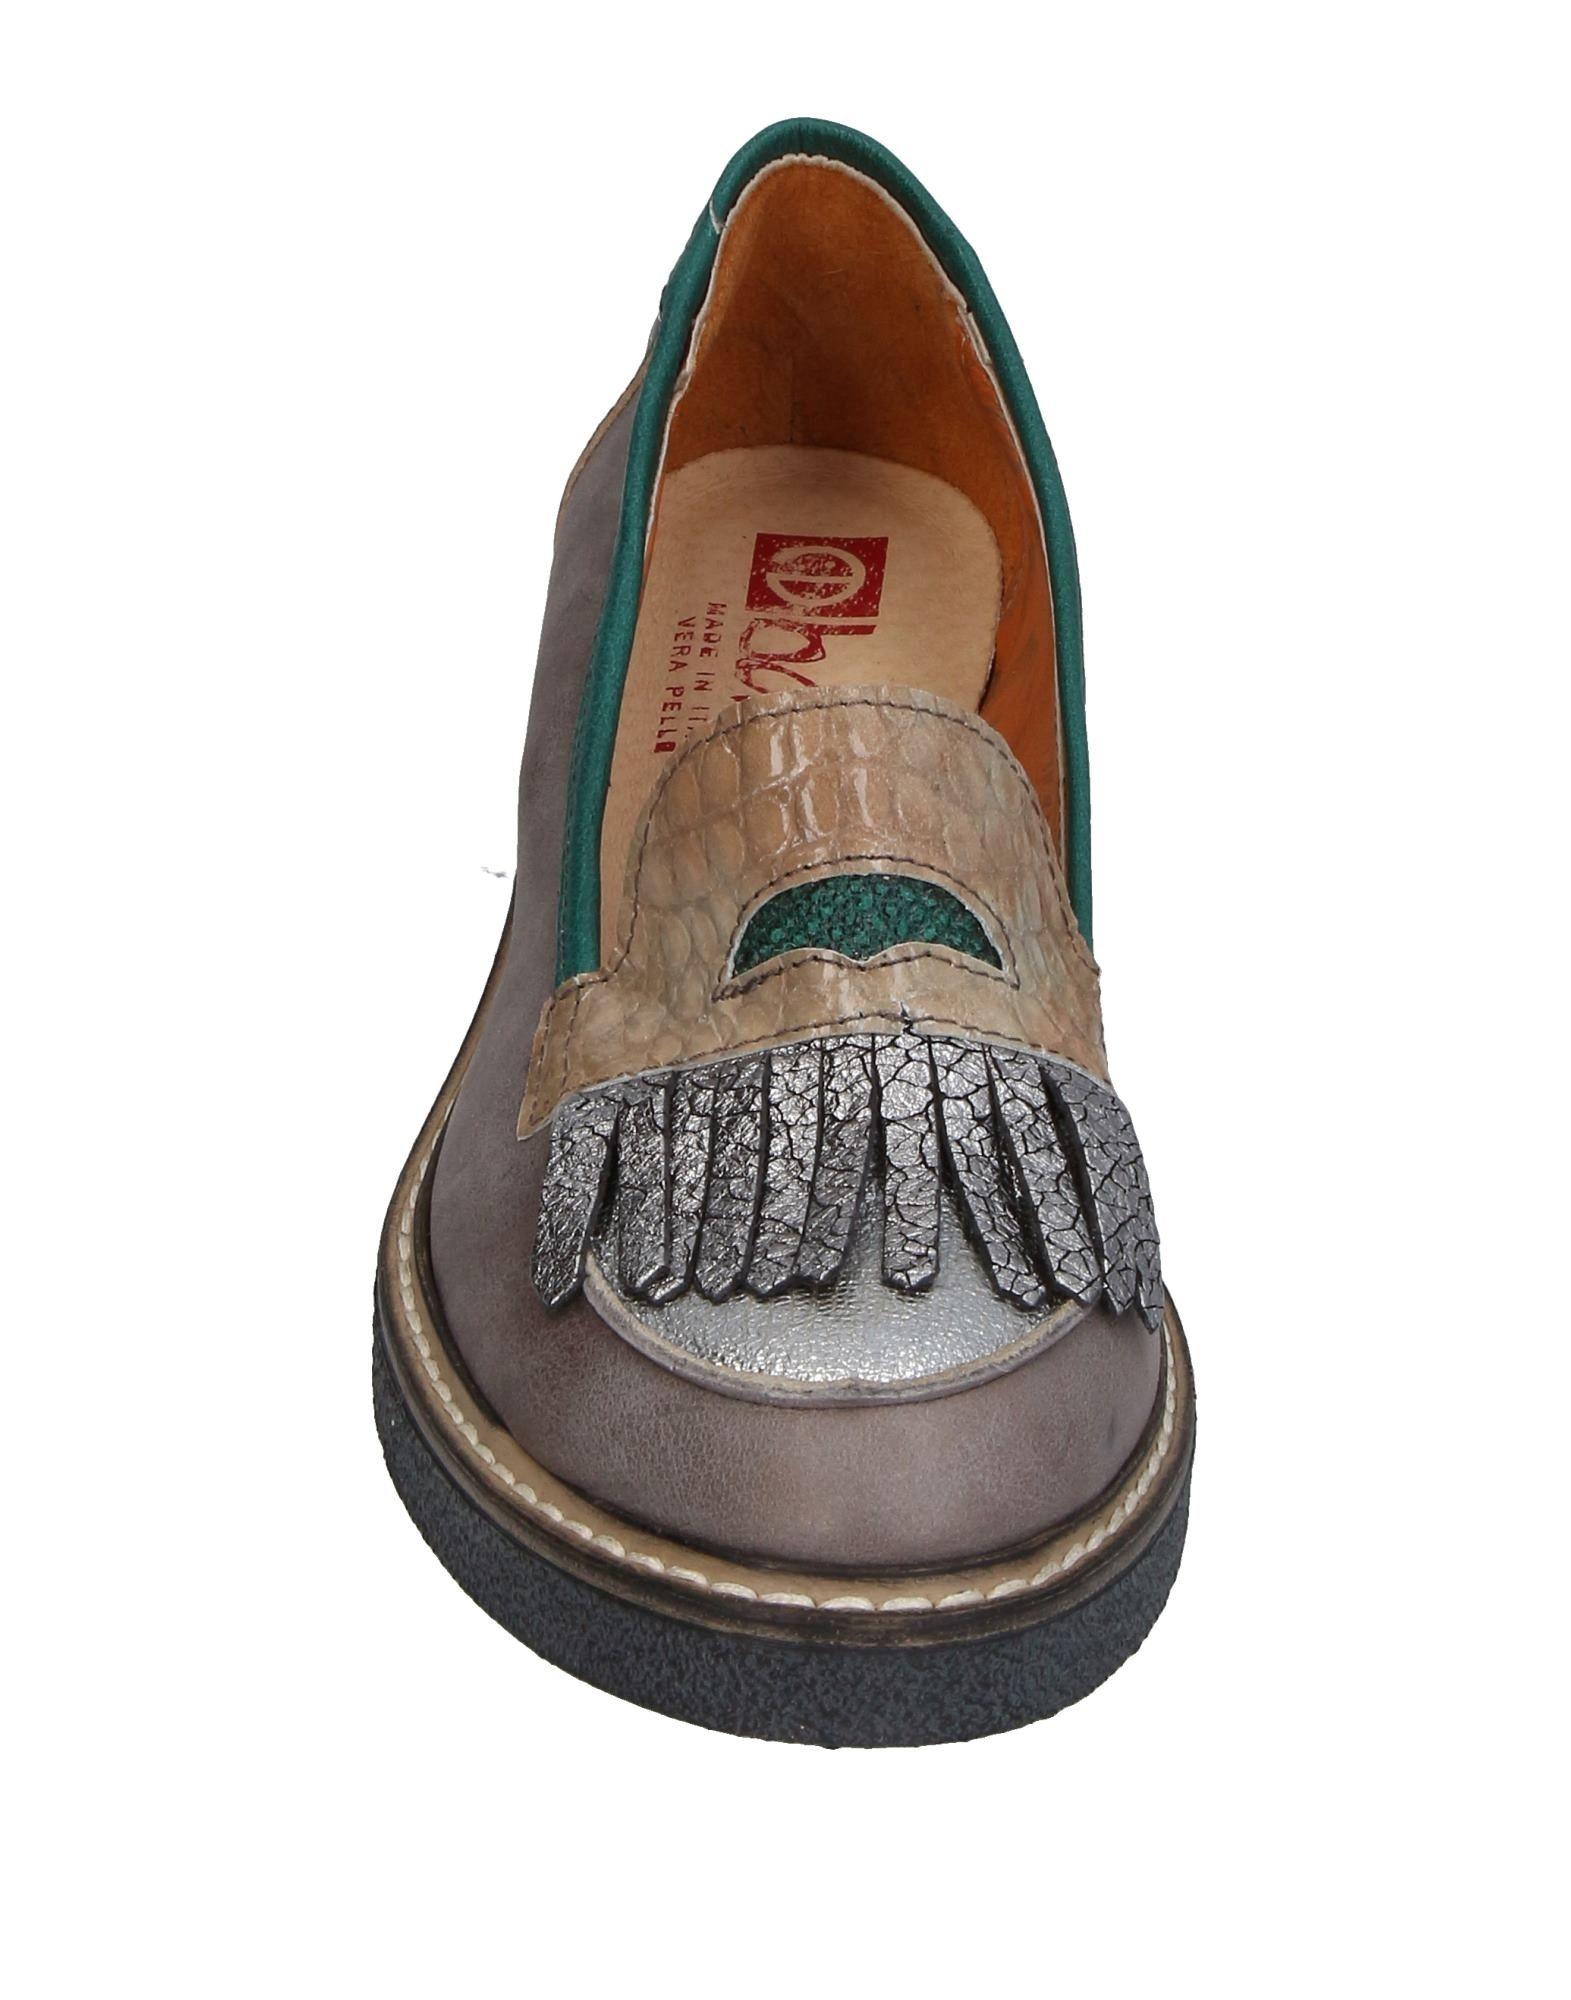 ... Ebarrito Gute Mokassins Damen 11396709MH Gute Ebarrito Qualität  beliebte Schuhe d8da7f ... 18a447ae77